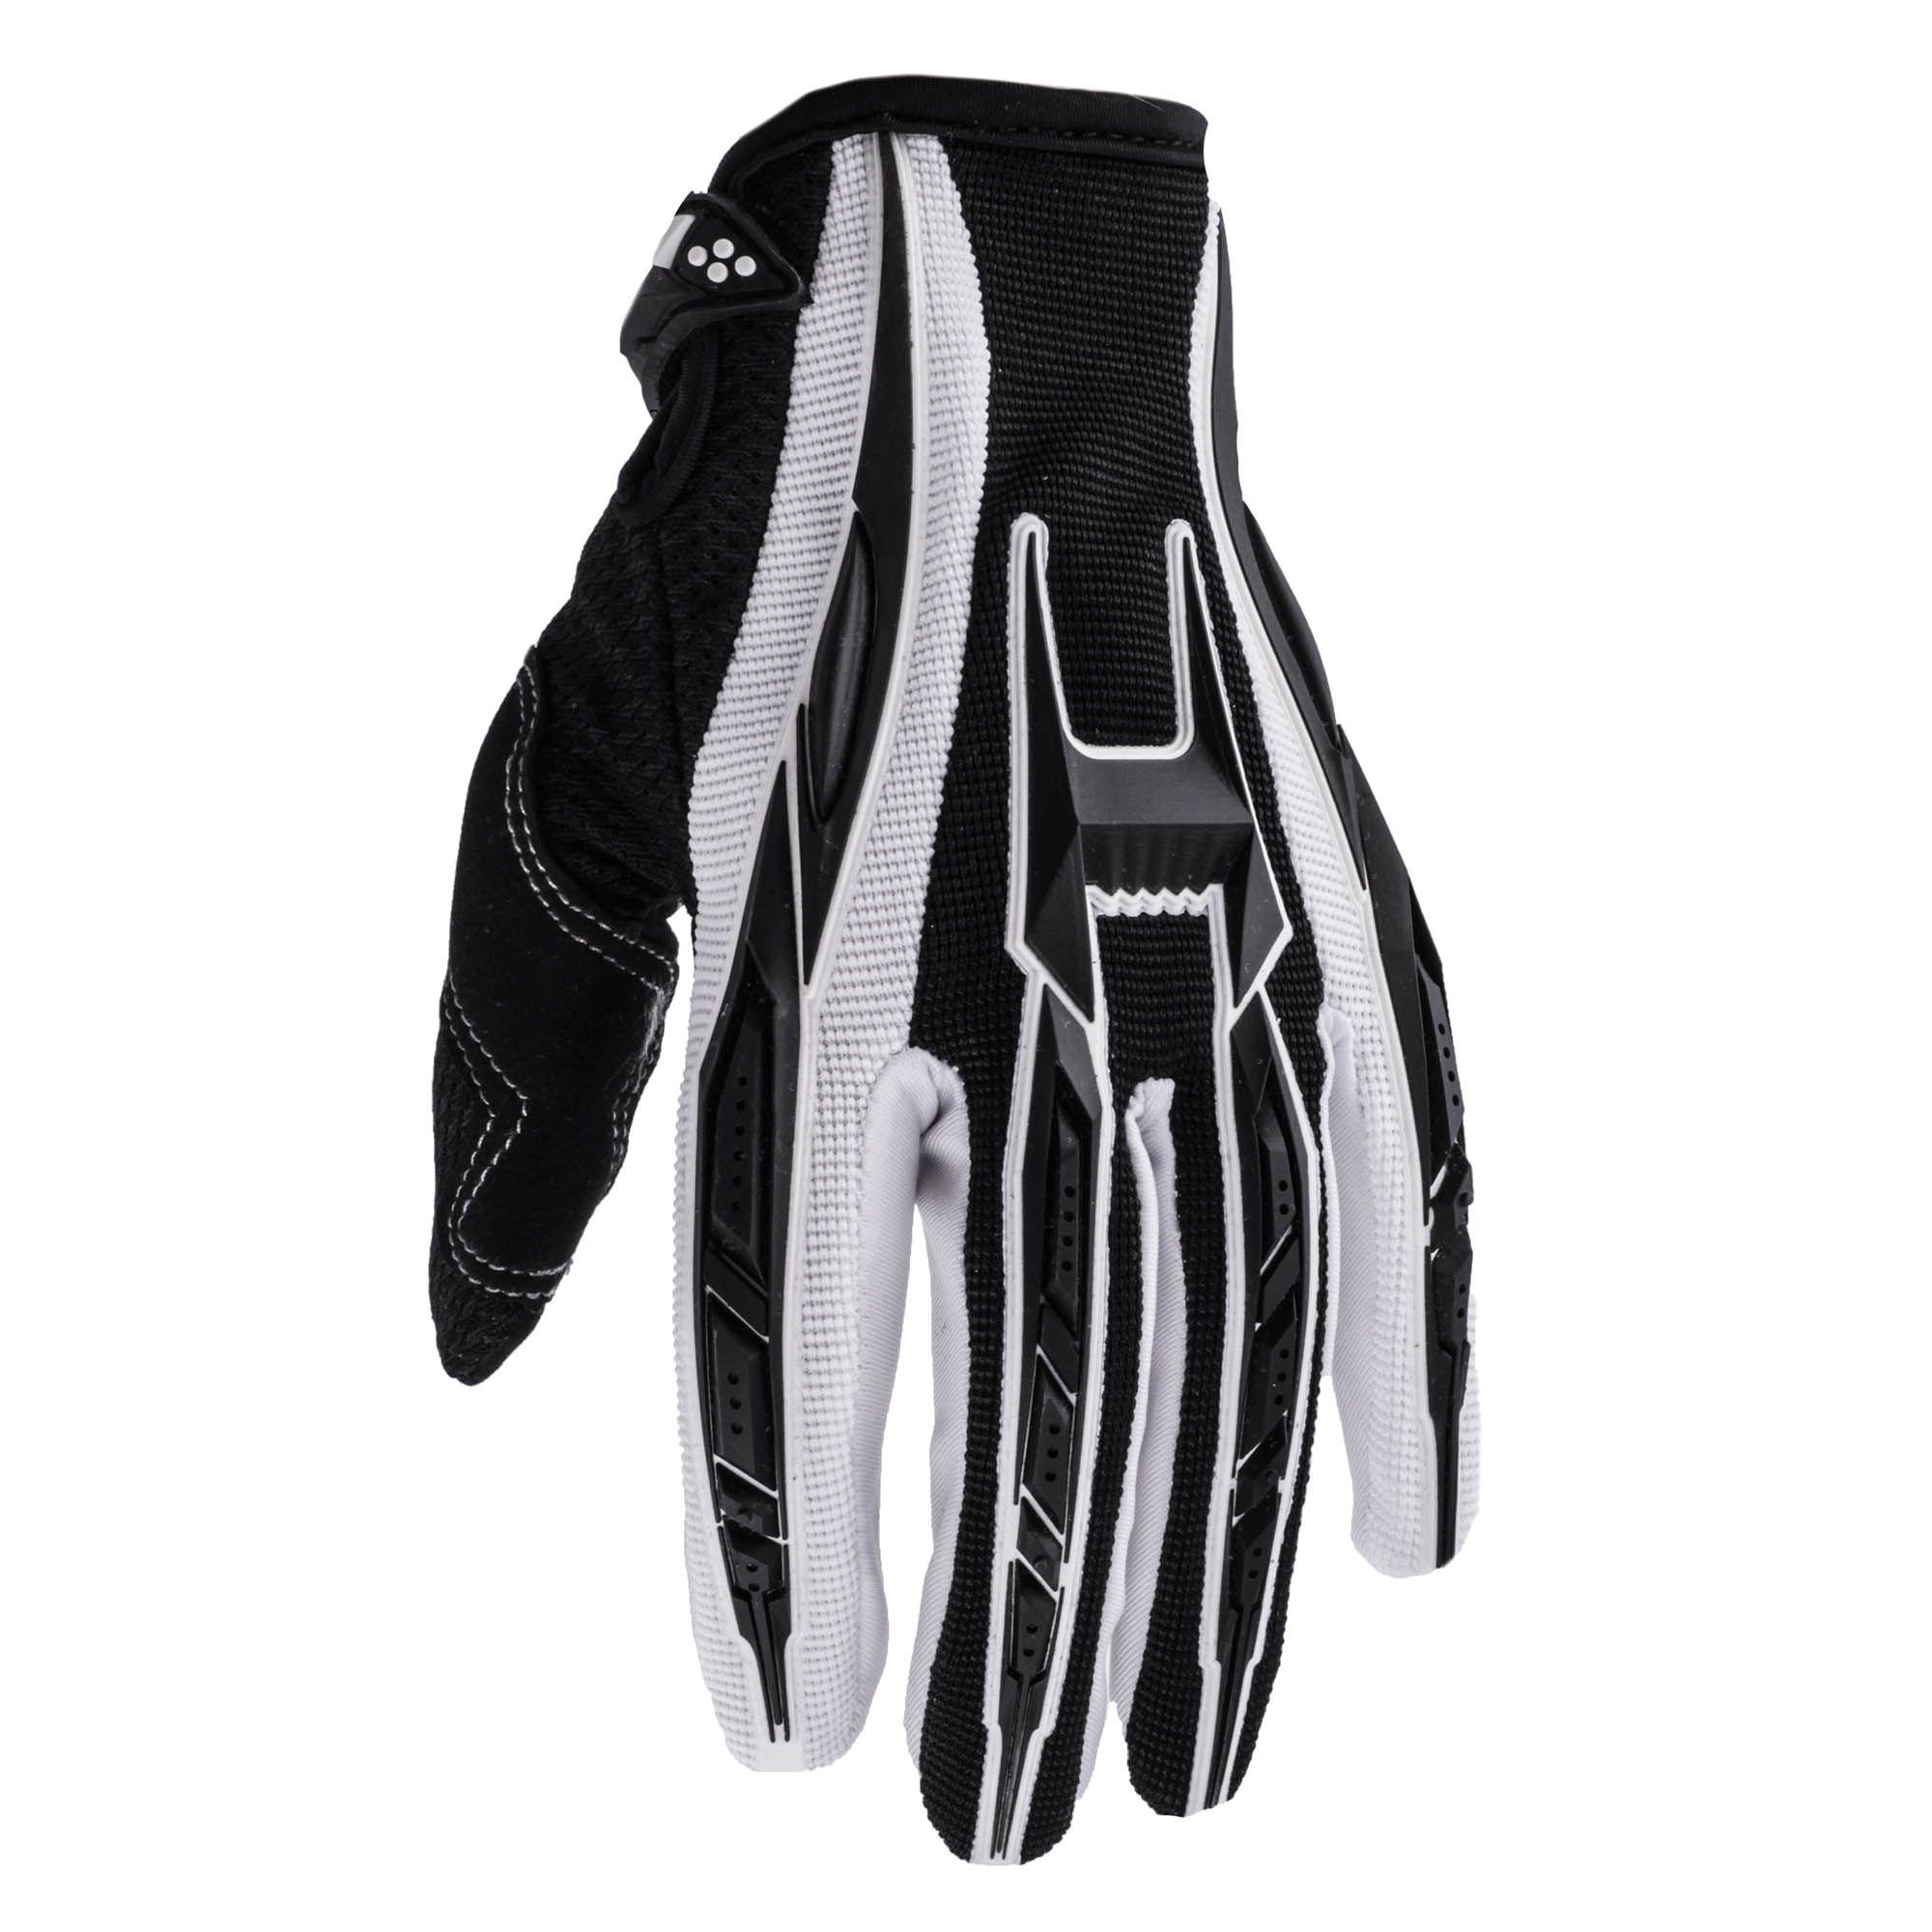 Shop The Best Atv Dirt Bike And Motocross Gloves At Typhoon Helmets With Images Motocross Gloves Gloves Atv Motocross